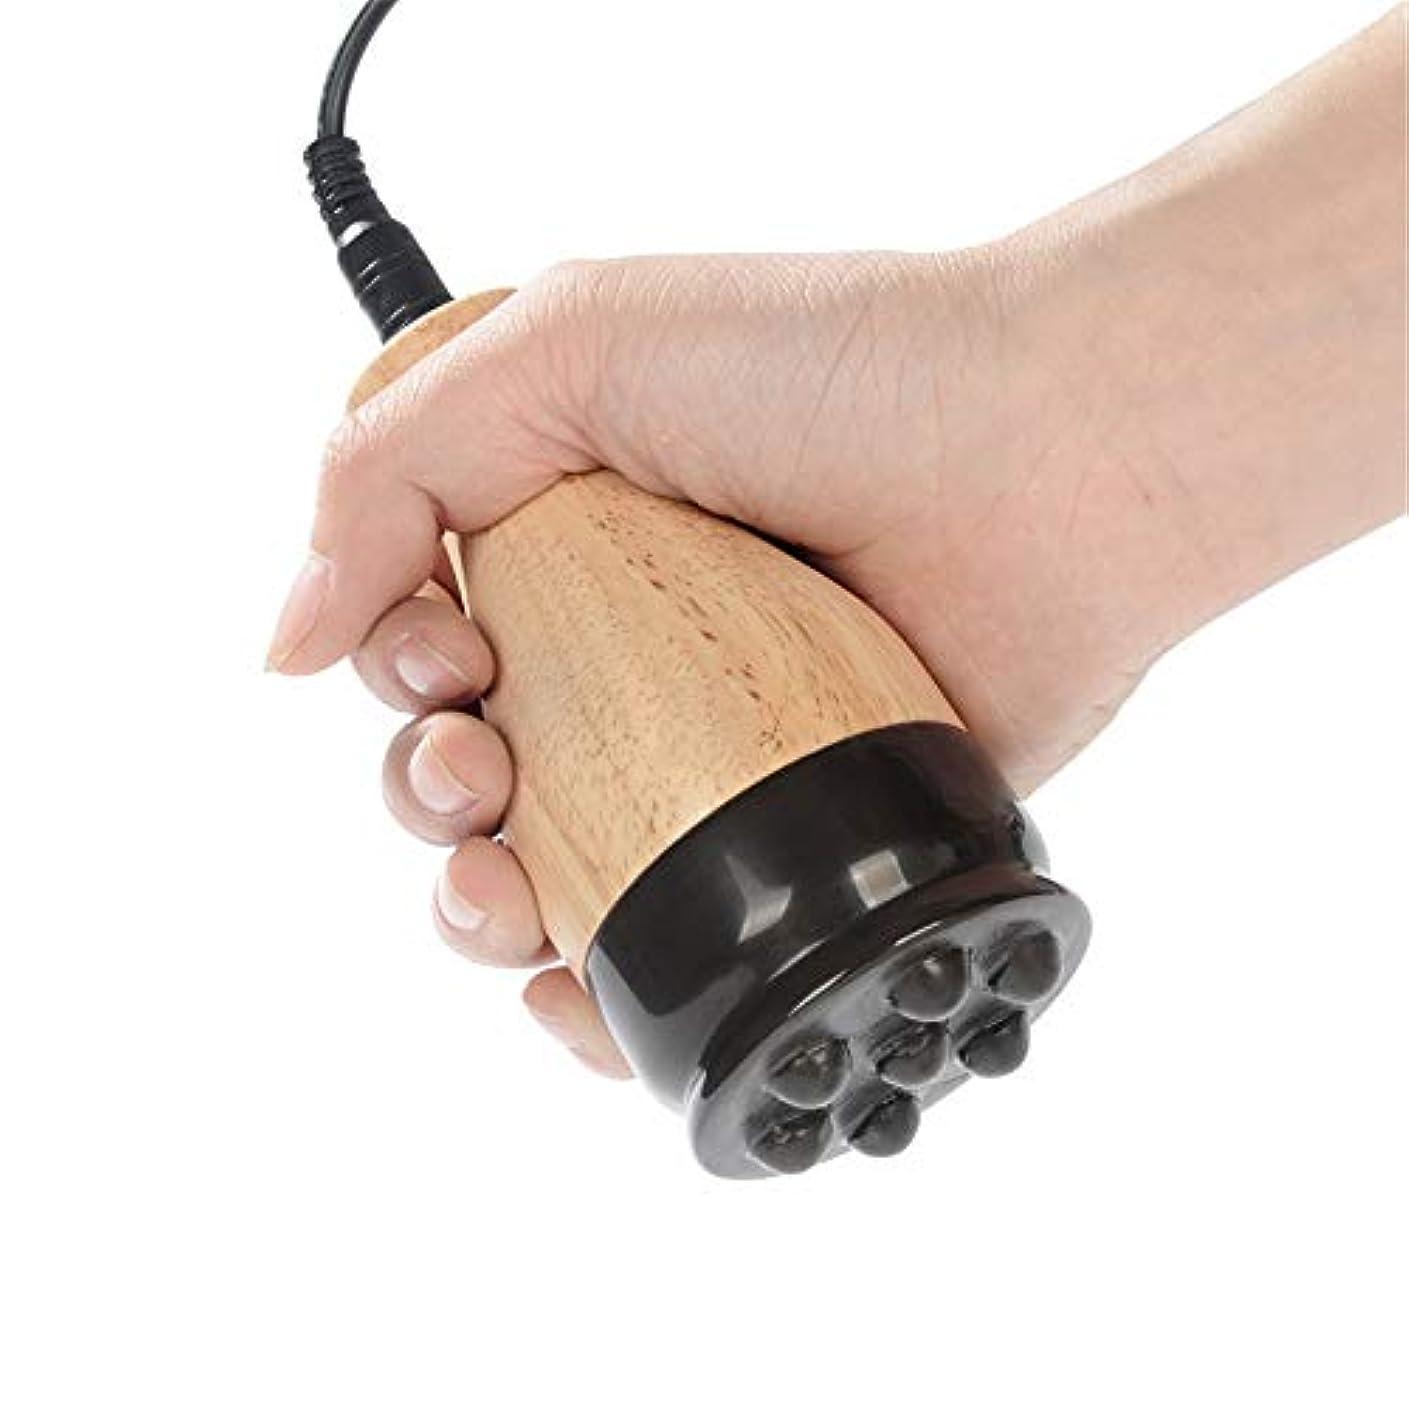 リーク教科書観客電気こするカッピングボディマッサージャー、無煙Mタンク、石タンク針M、温M器具マッサージツール